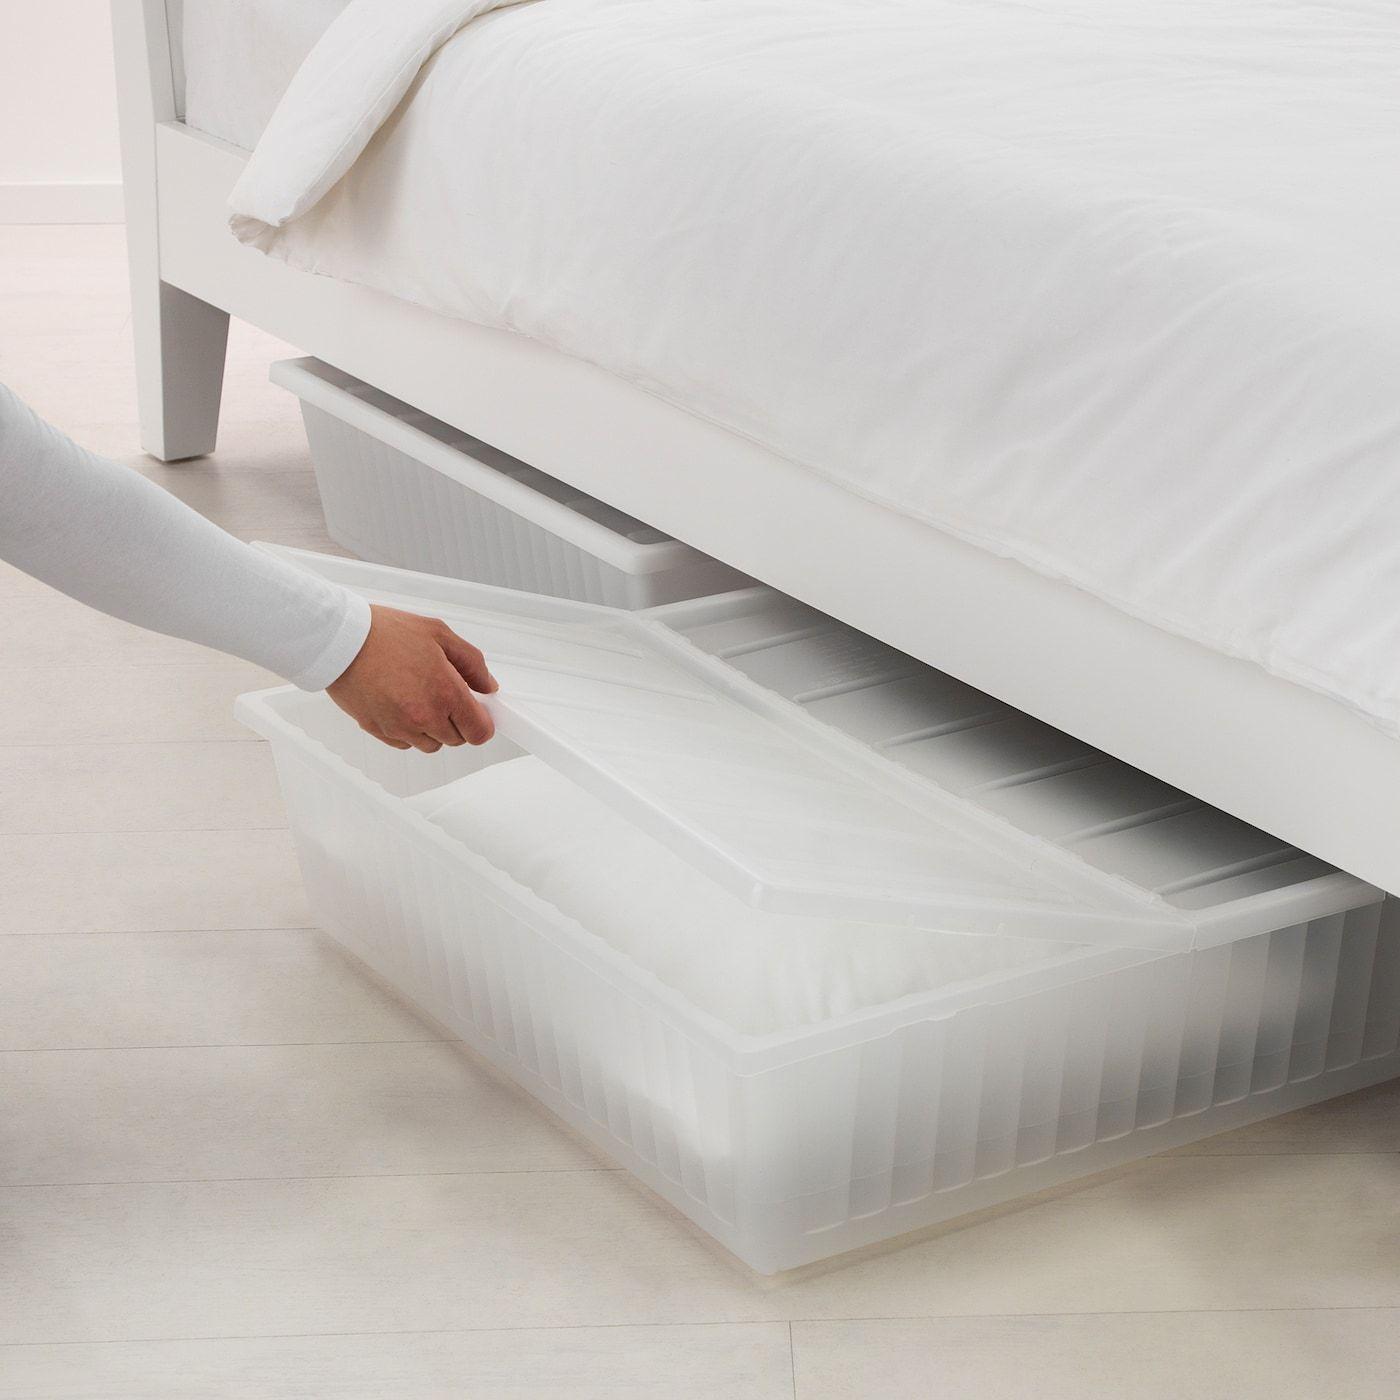 Ikea Gimse White Underbed Storage Box In 2020 Under Bed Storage Bedroom Storage Bed Storage